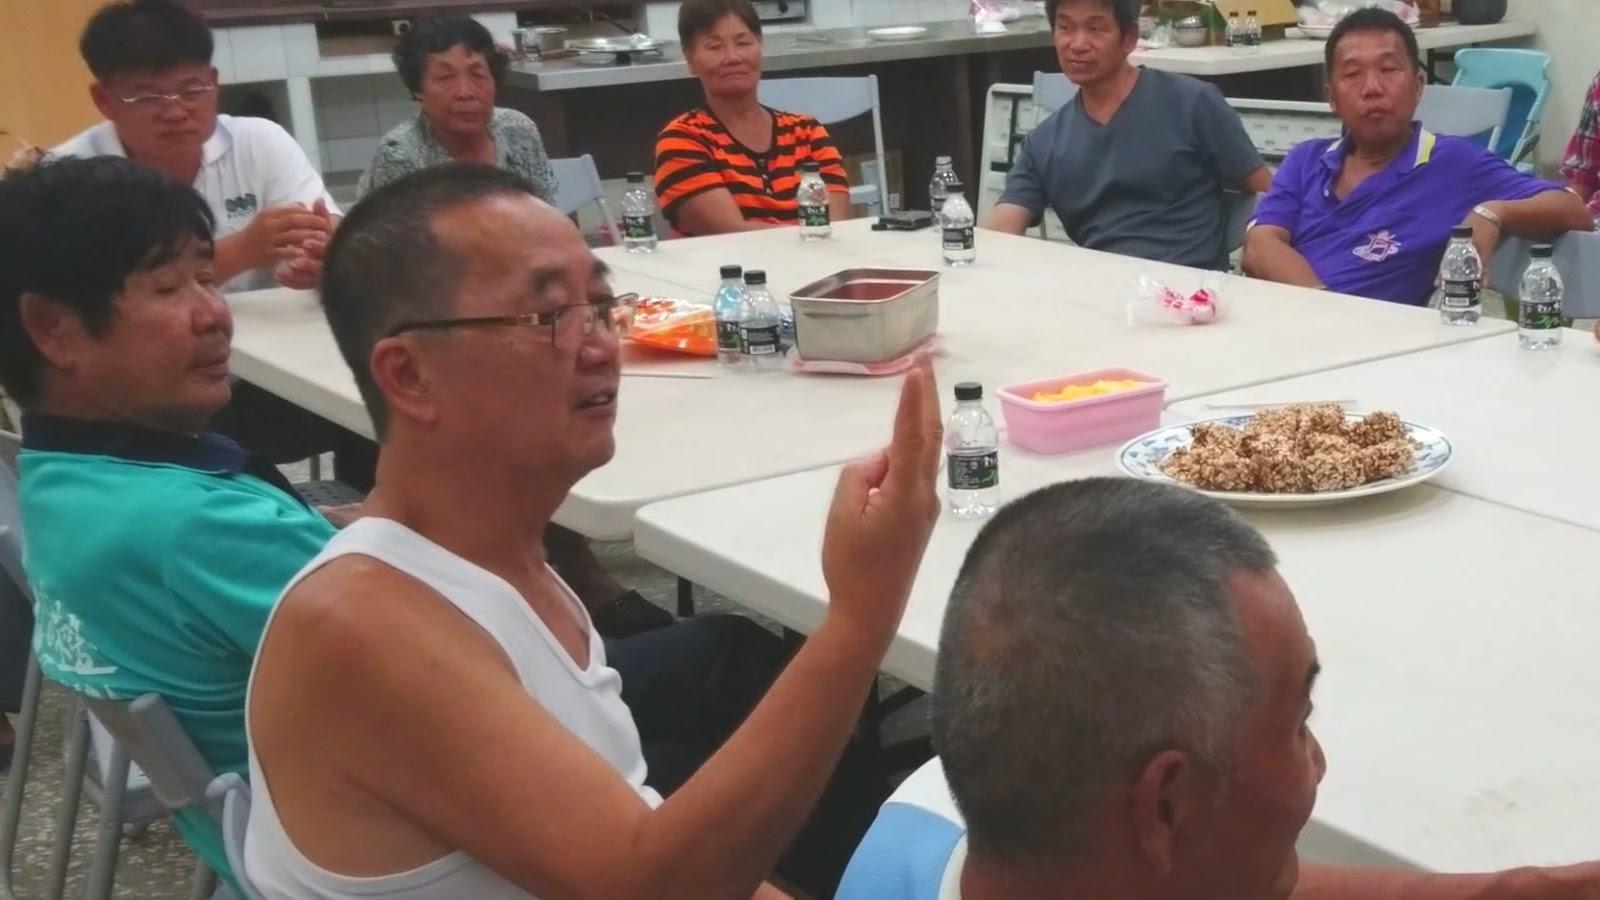 是啥款魔力,乎咱歡喜開會? ——見證龍潭村志工會議的劇變!